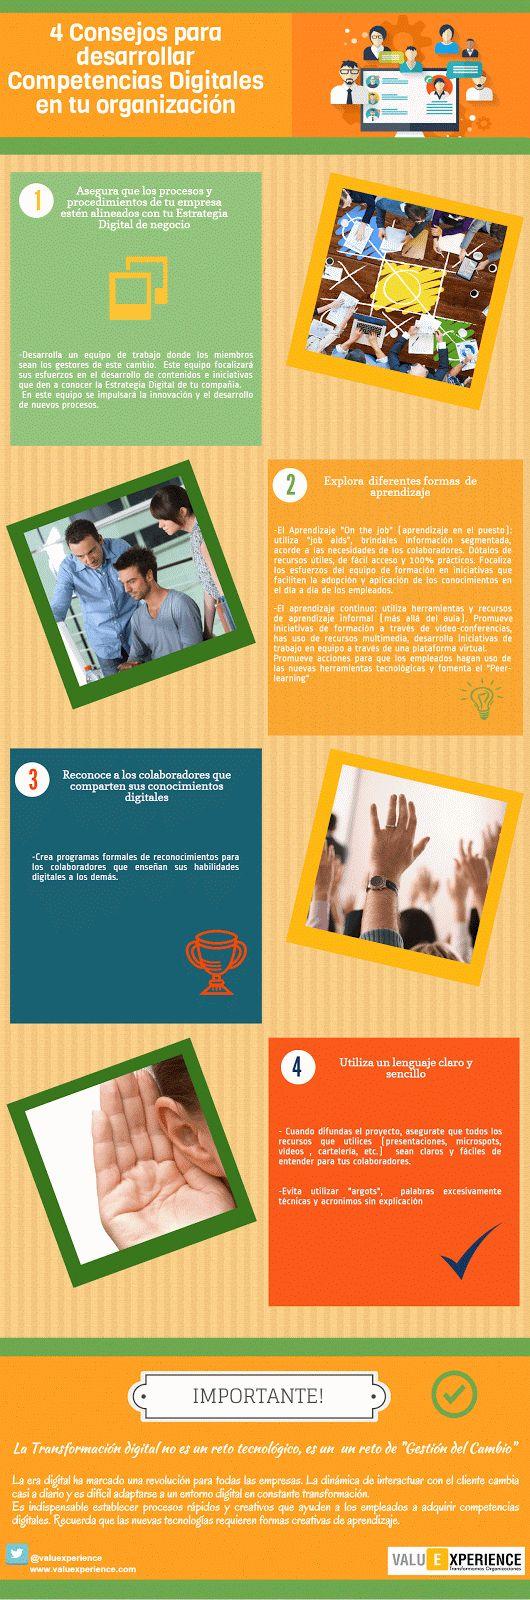 4 consejos para desarrollar las competencias digitales de tus trabajadores